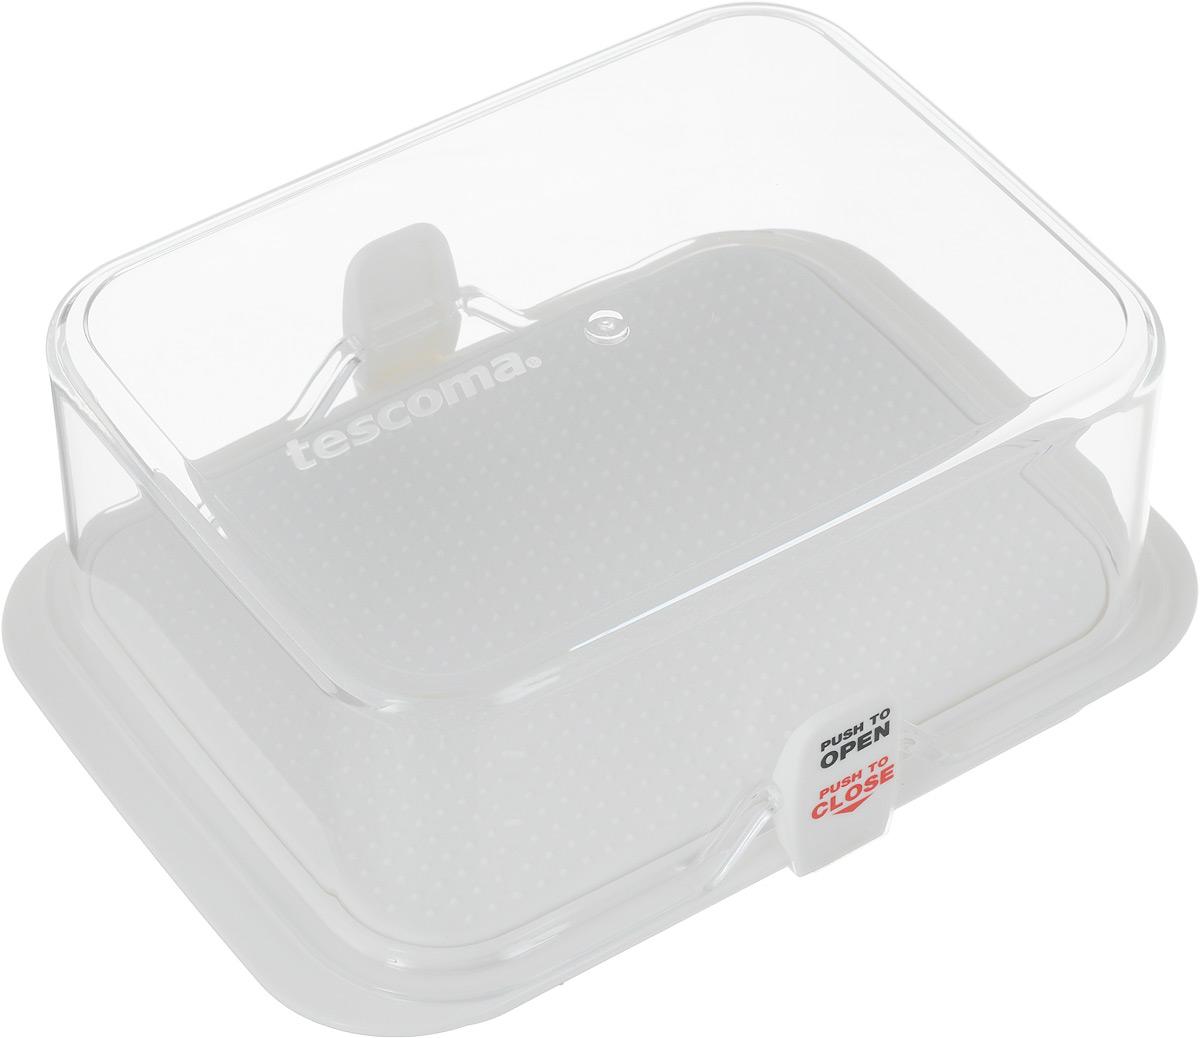 """Kонтейнер Tescoma """"Purity"""" выполнен из высококачественного  пищевого пластика, который используется в здравоохранении и  фармацевтики. Изделие отлично подходит для гигиеничного  хранения продуктов в холодильнике. Используемый материал  не влияет на качество продуктов даже при длительном  хранении. Данный контейнер можно использовать в качестве масленки. Рифленое  дно не дает маслу скользить по дну. В комплекте имеются запасные замки-крылышки. Можно мыть в посудомоечной машине."""